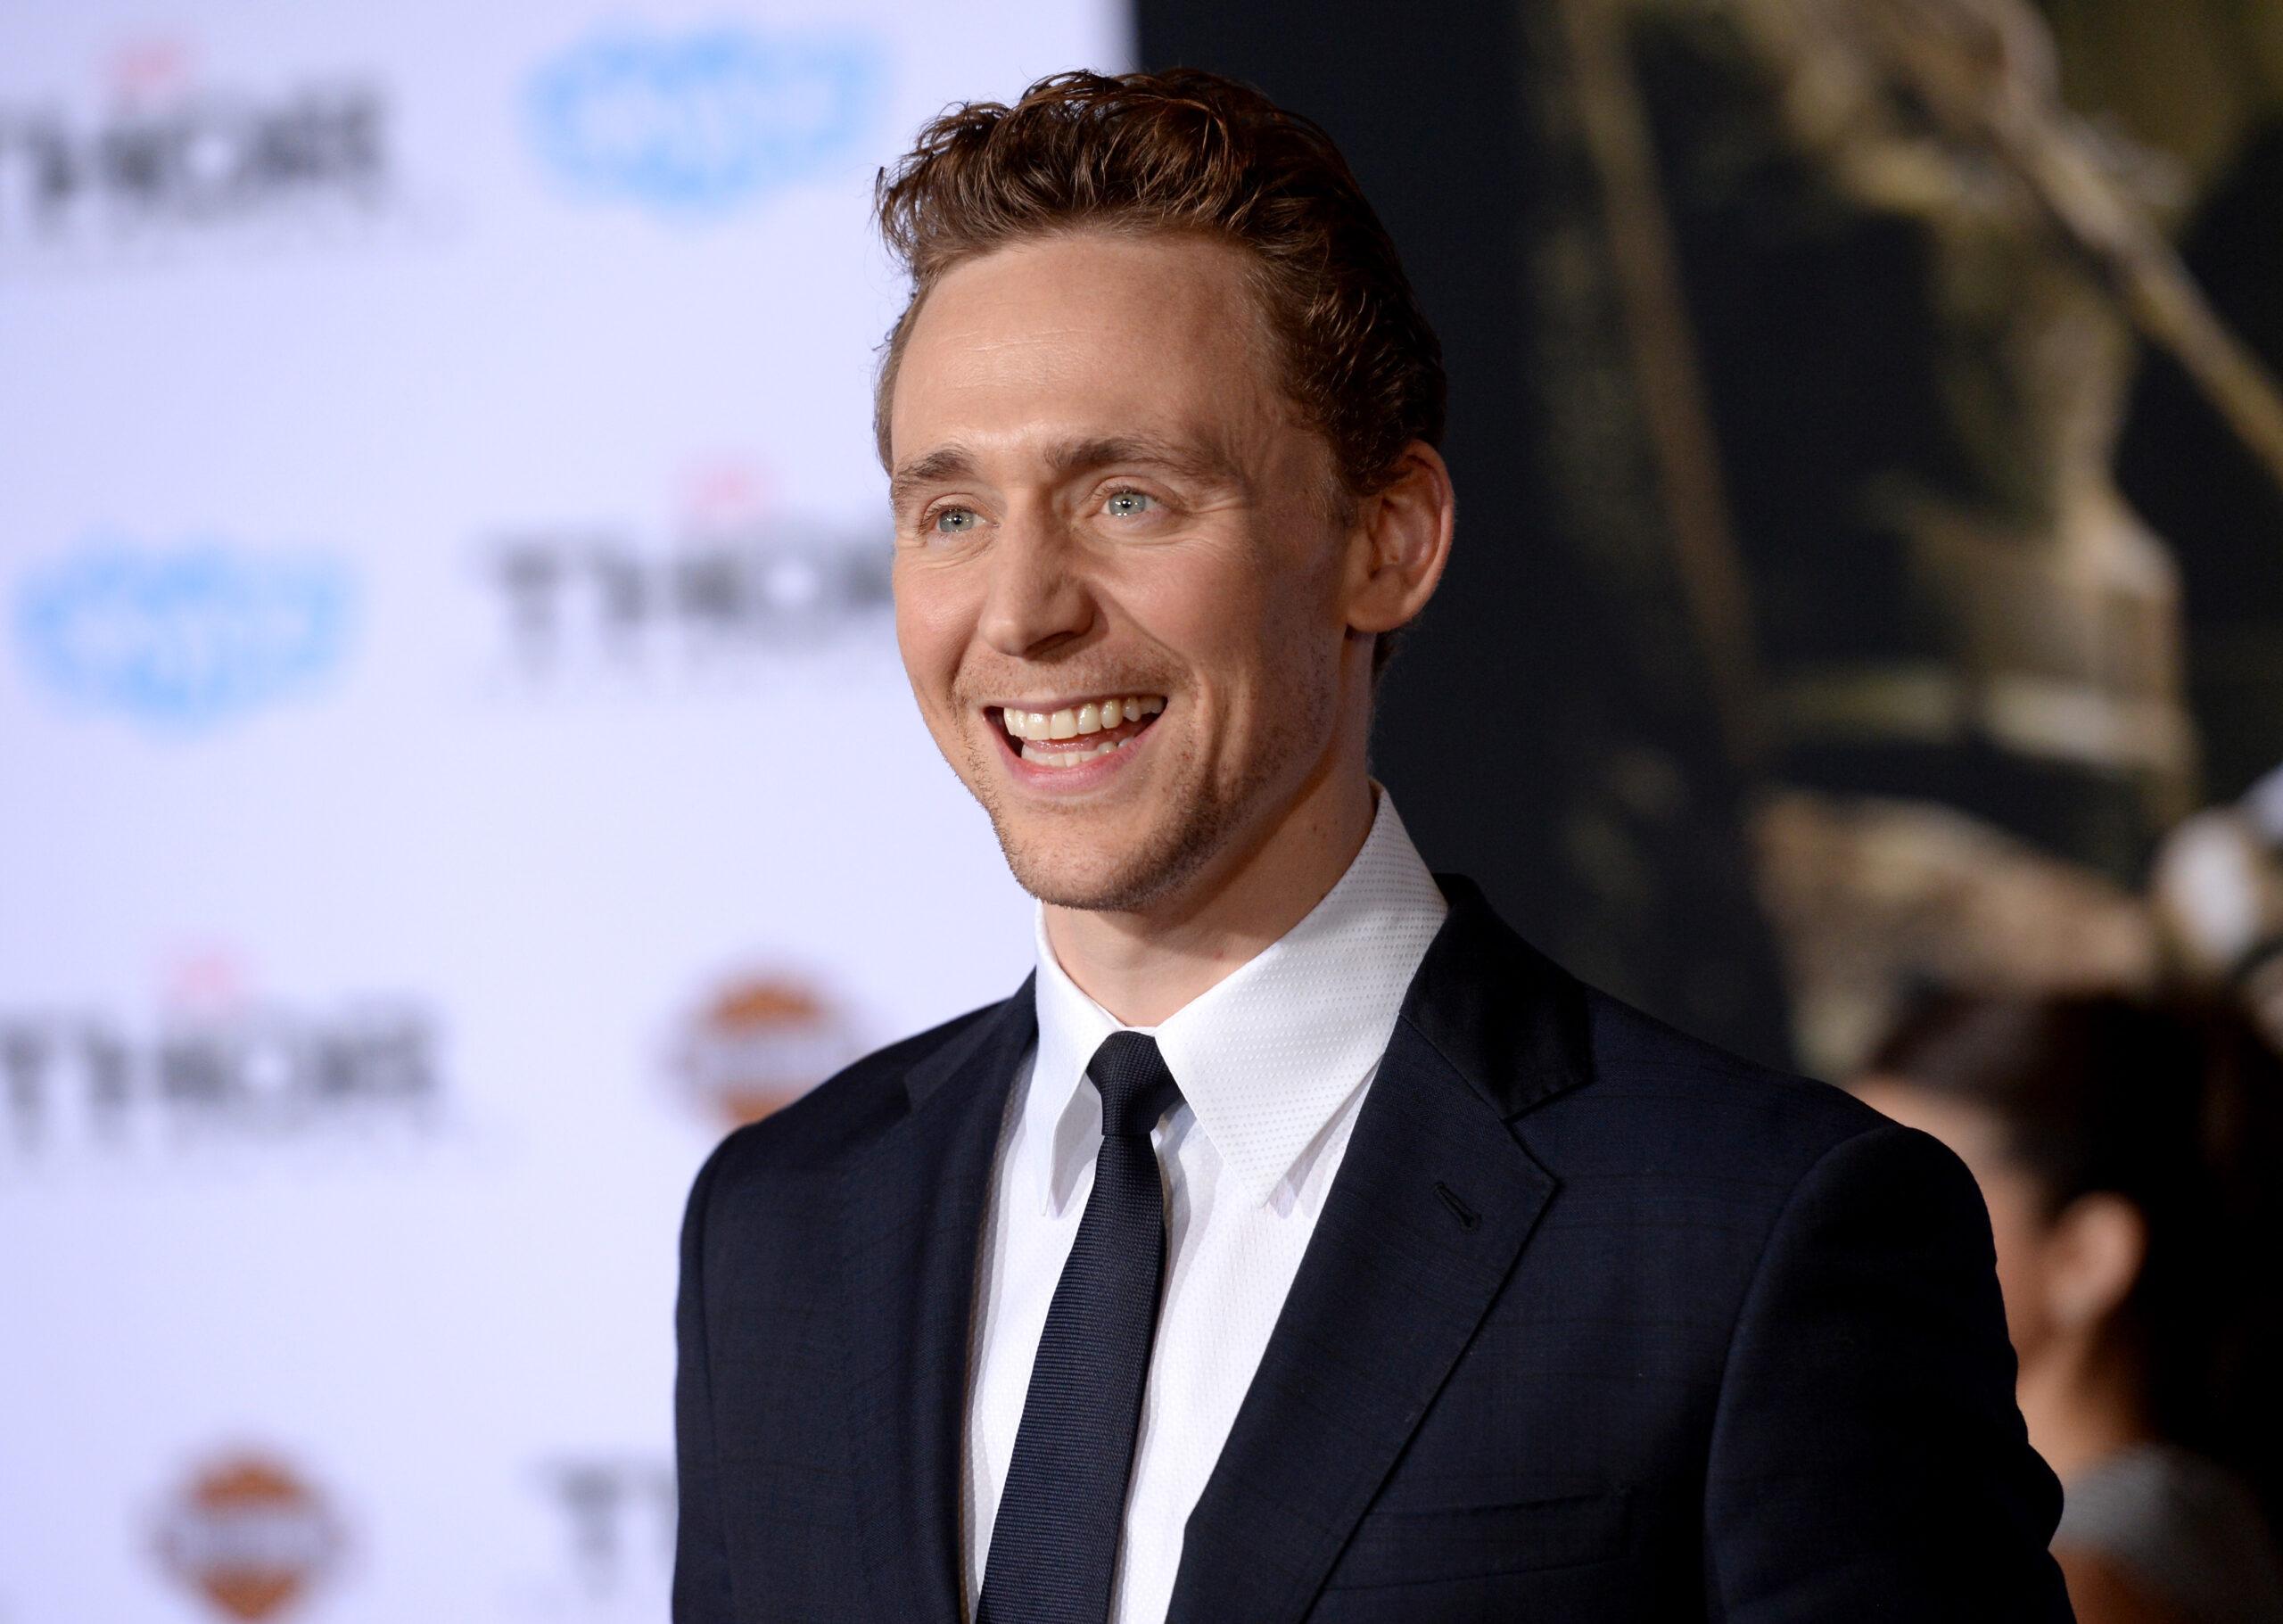 Arte incrível mostra Tom Hiddleston como o Coringa